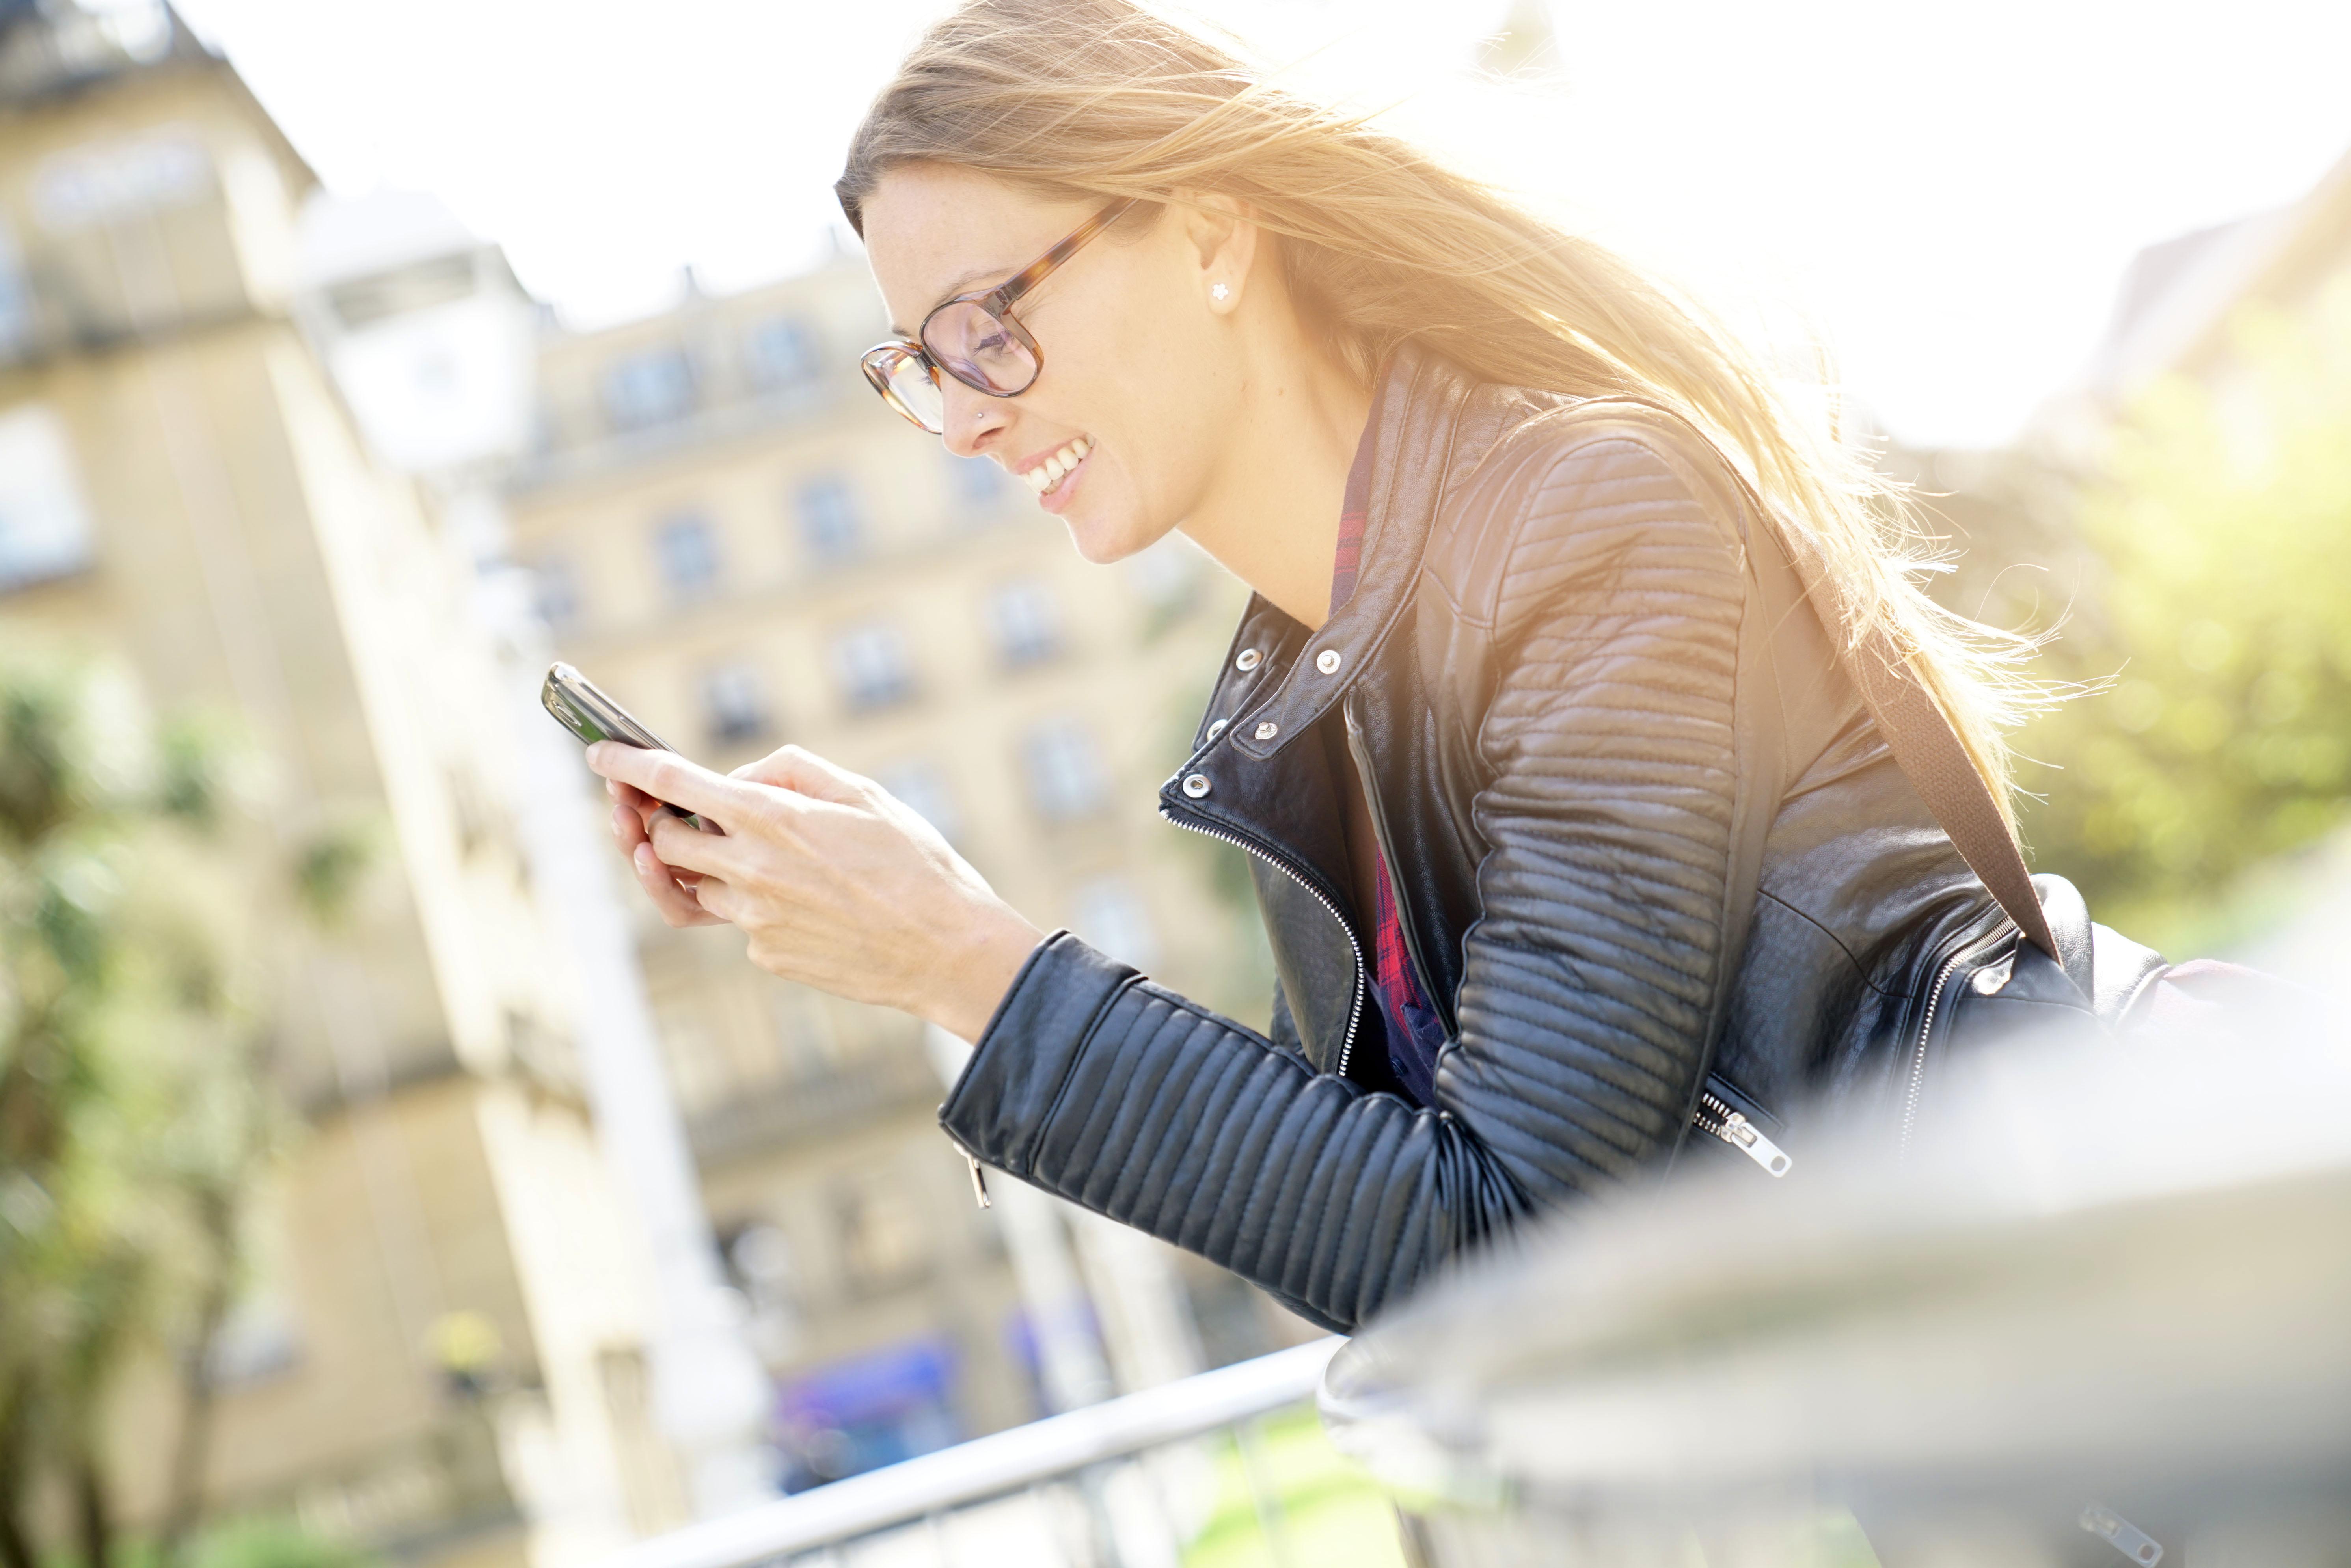 Junge_Frau-mit_Smartphone-Geländer-in_S